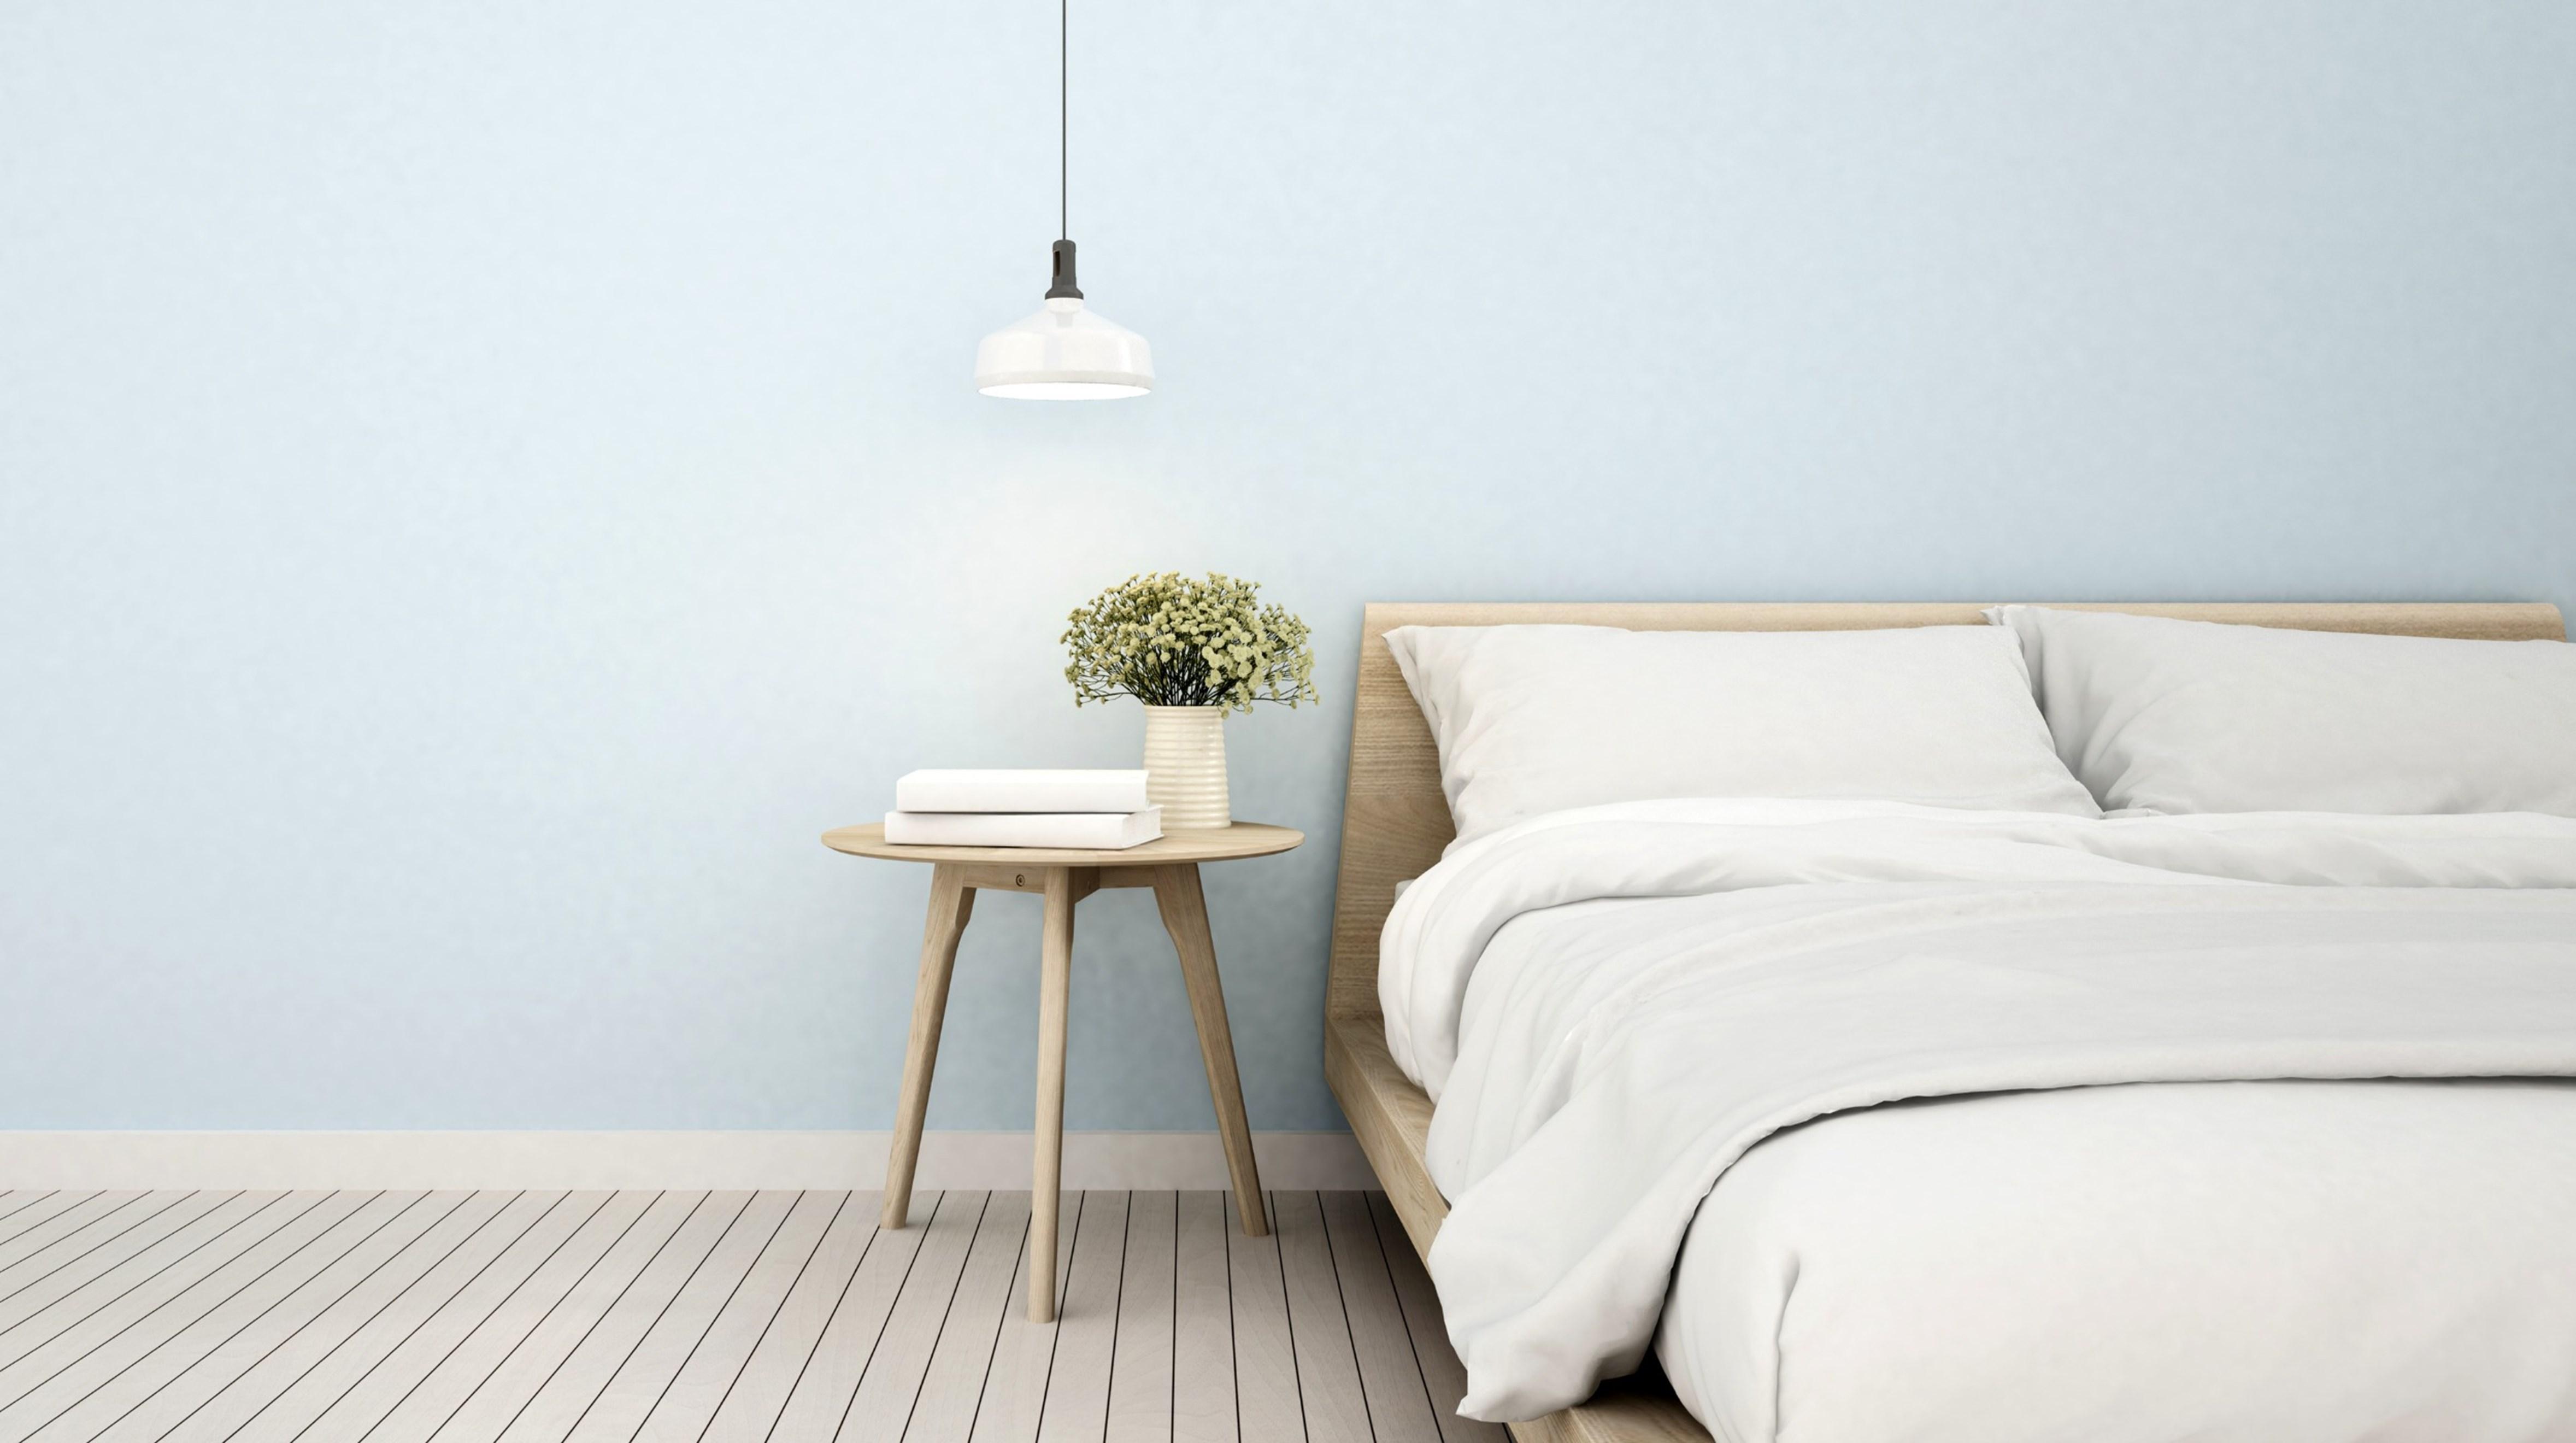 Ultra Vedligehold din seng og få glæde af den i længere tid BW94